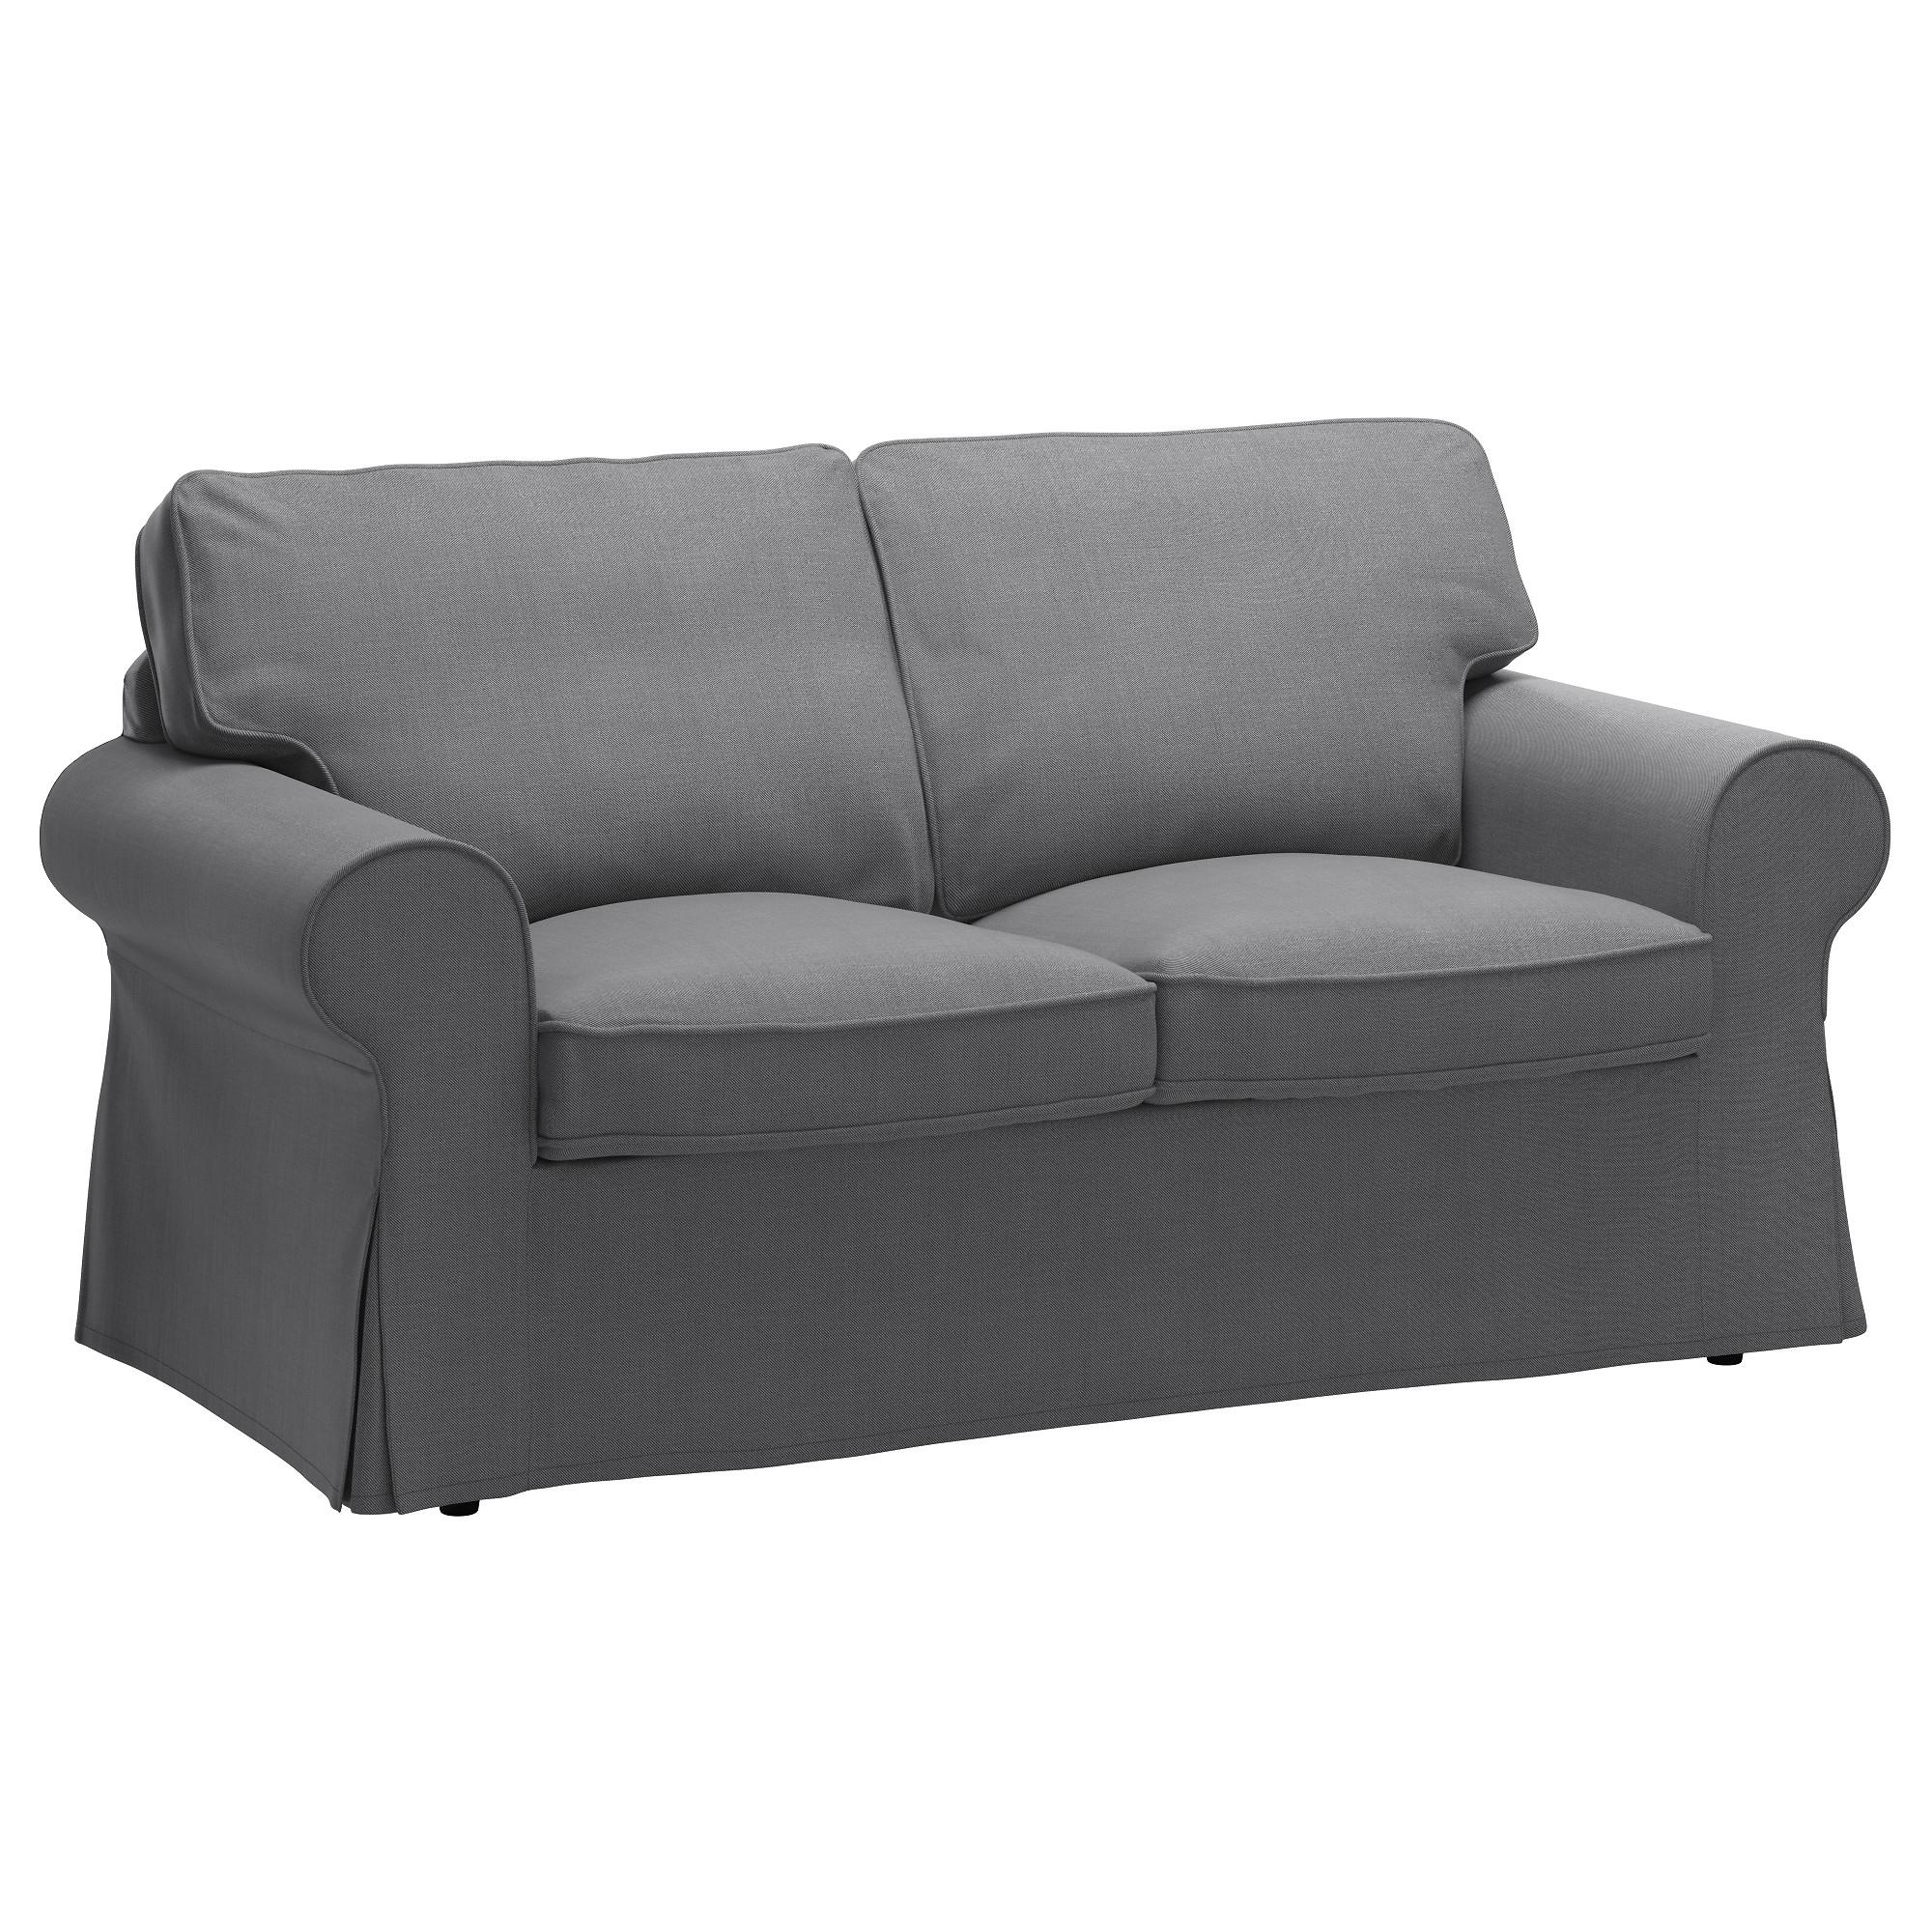 Ektorp Two Seat Sofa Nordvalla Dark Grey – Ikea With 2018 2 Seater Sofas (View 4 of 15)